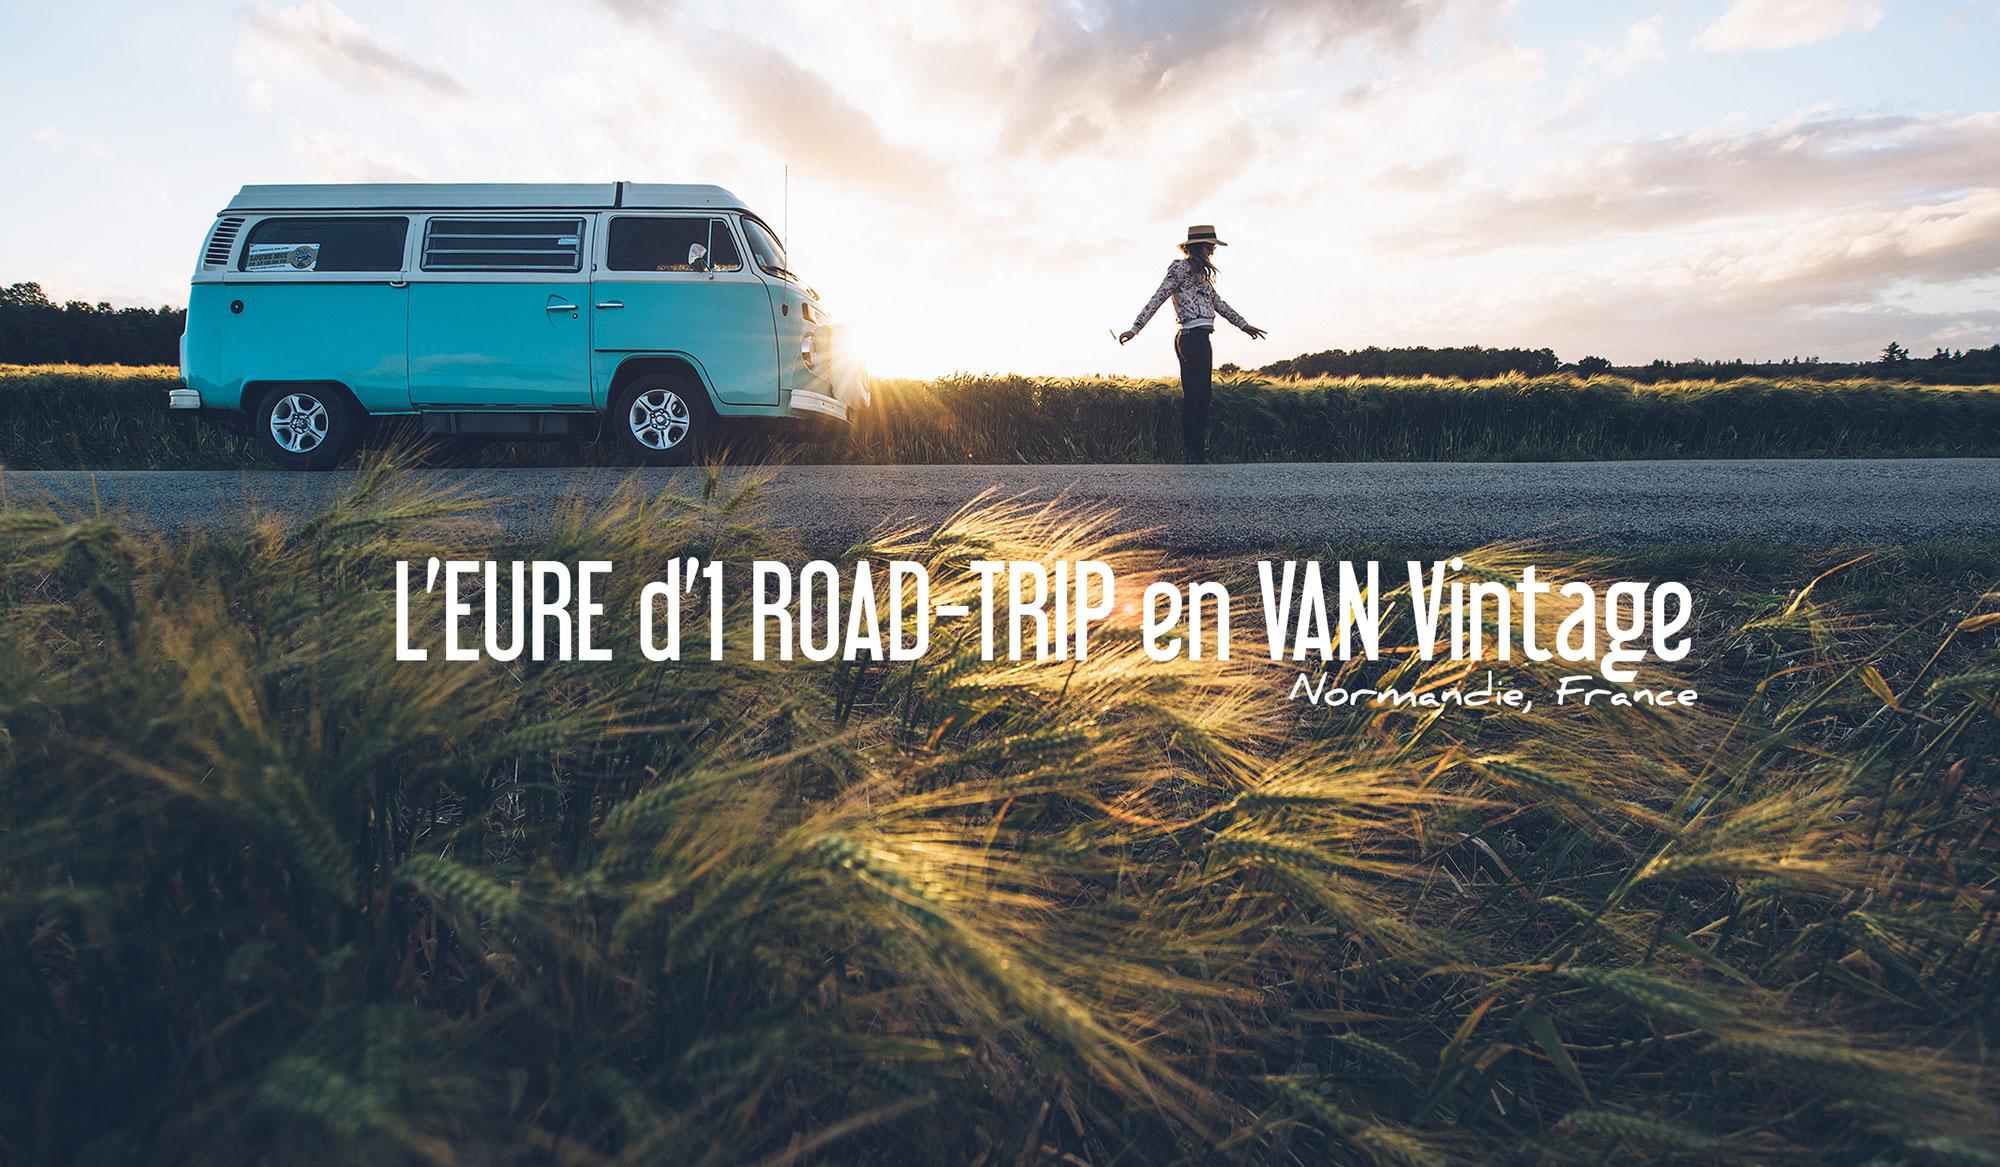 L'EURE d'un ROAD-TRIP en Van Vintage en Normadie